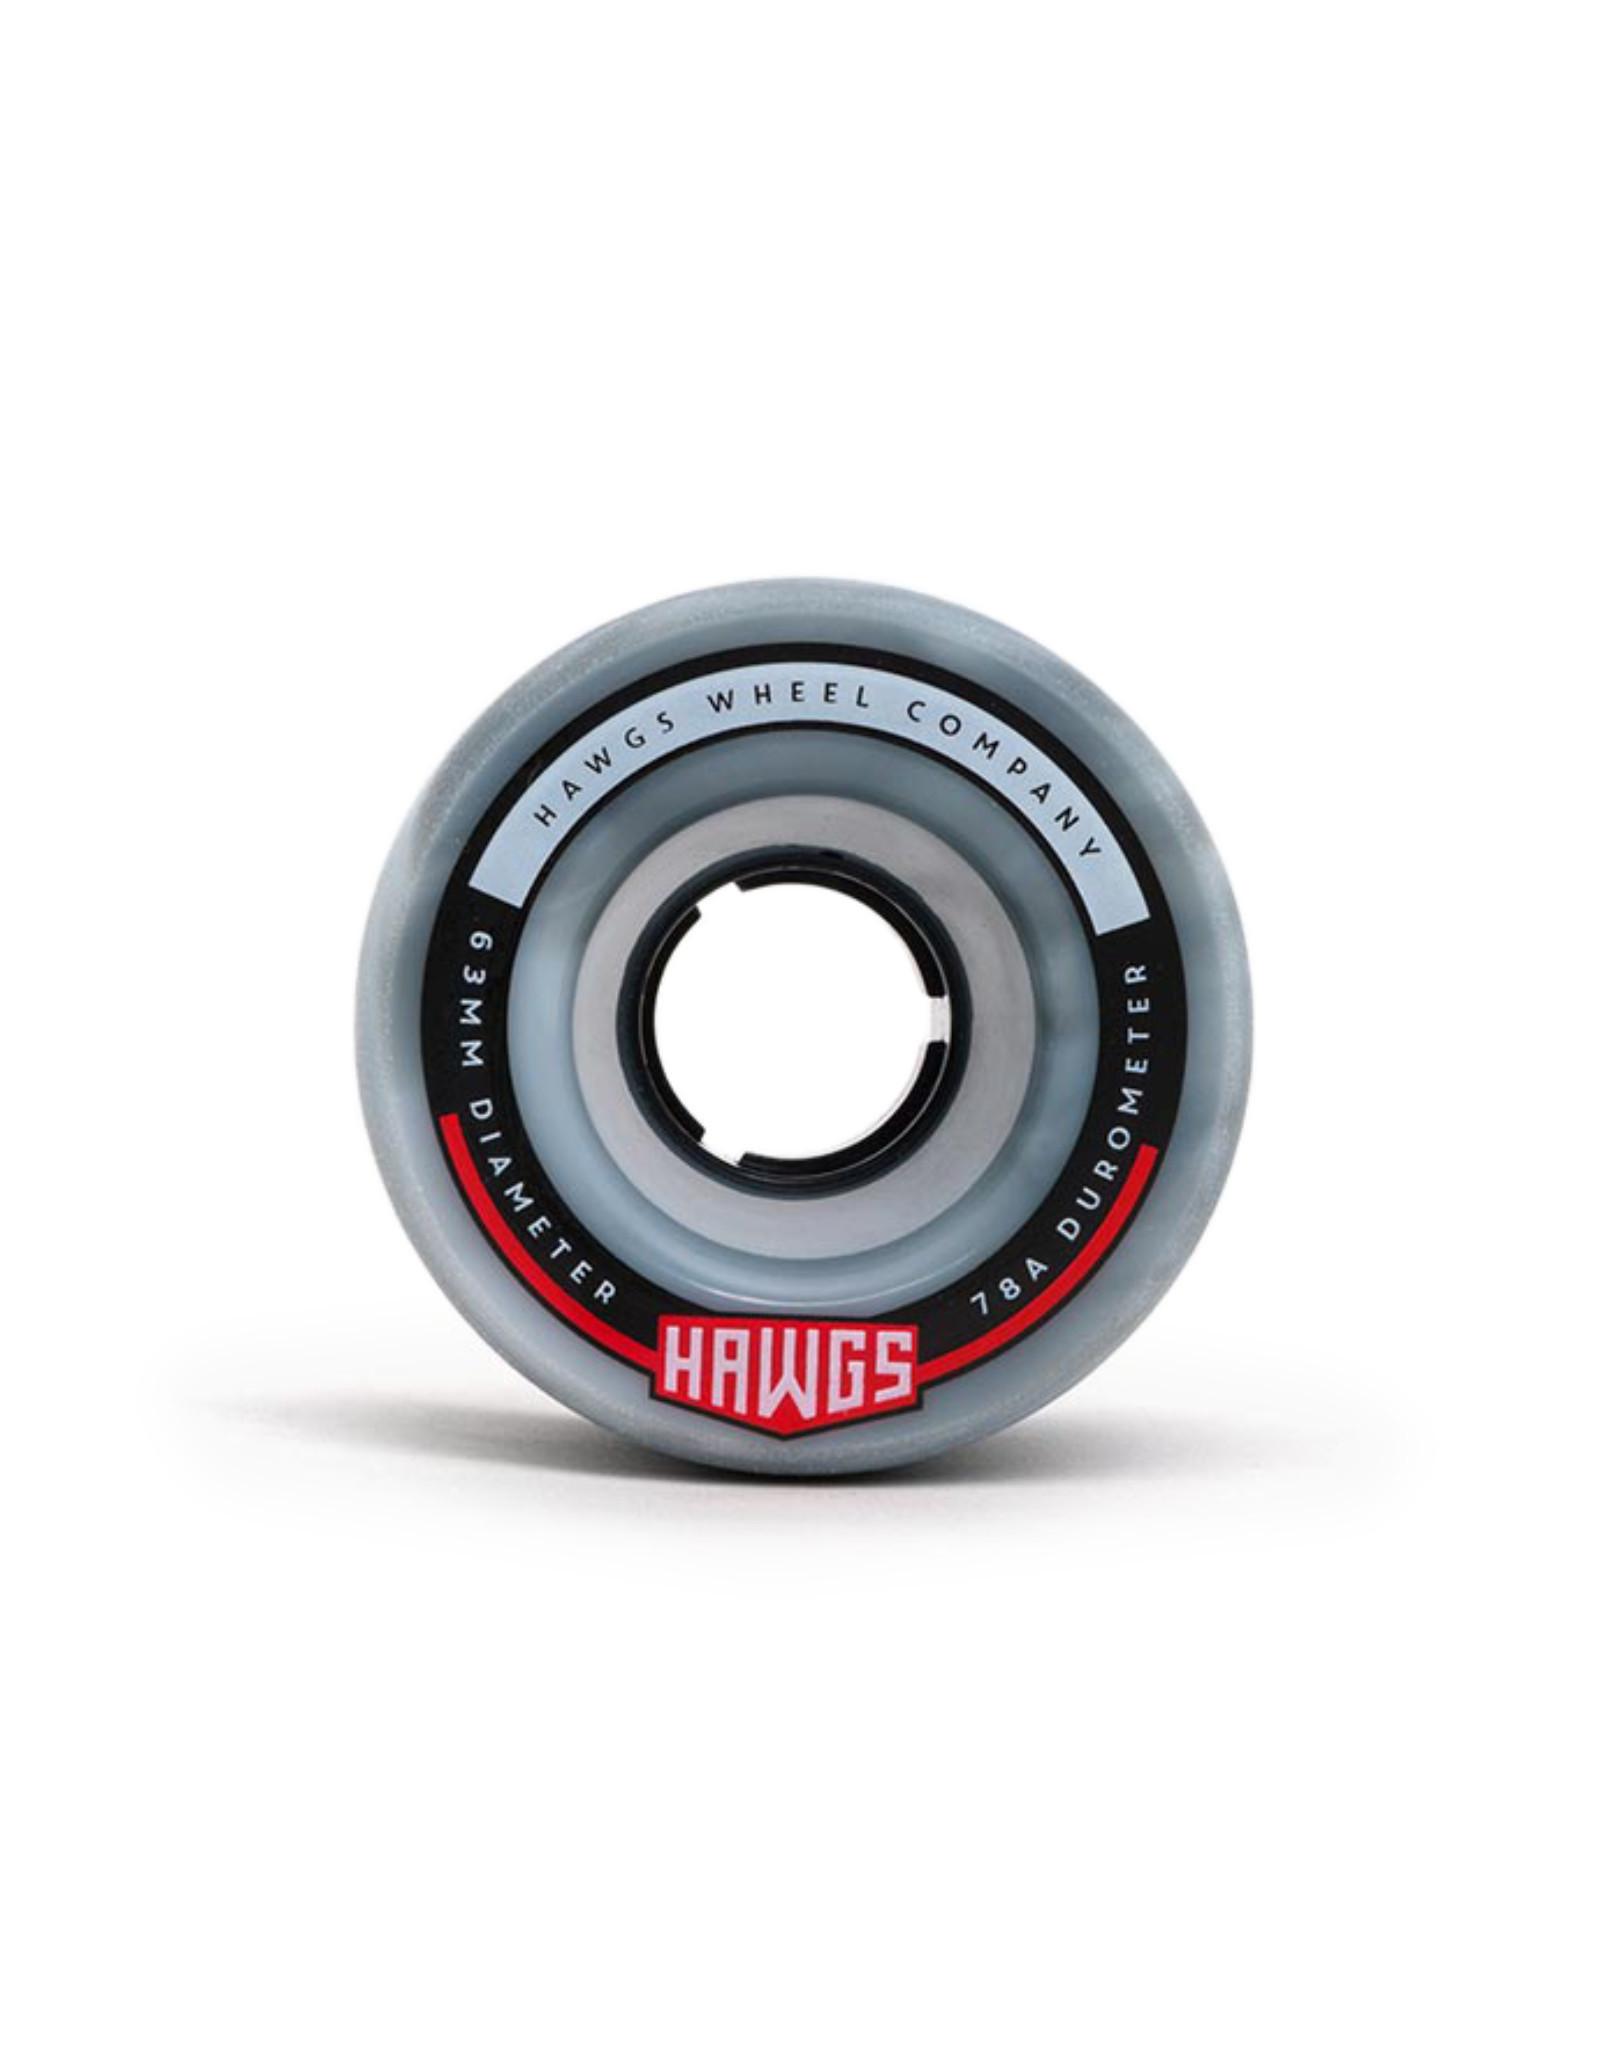 Hawgs Wheels Hawgs Fatty Rollen 63 mm 78A Grey/White Swirl 4er-Set